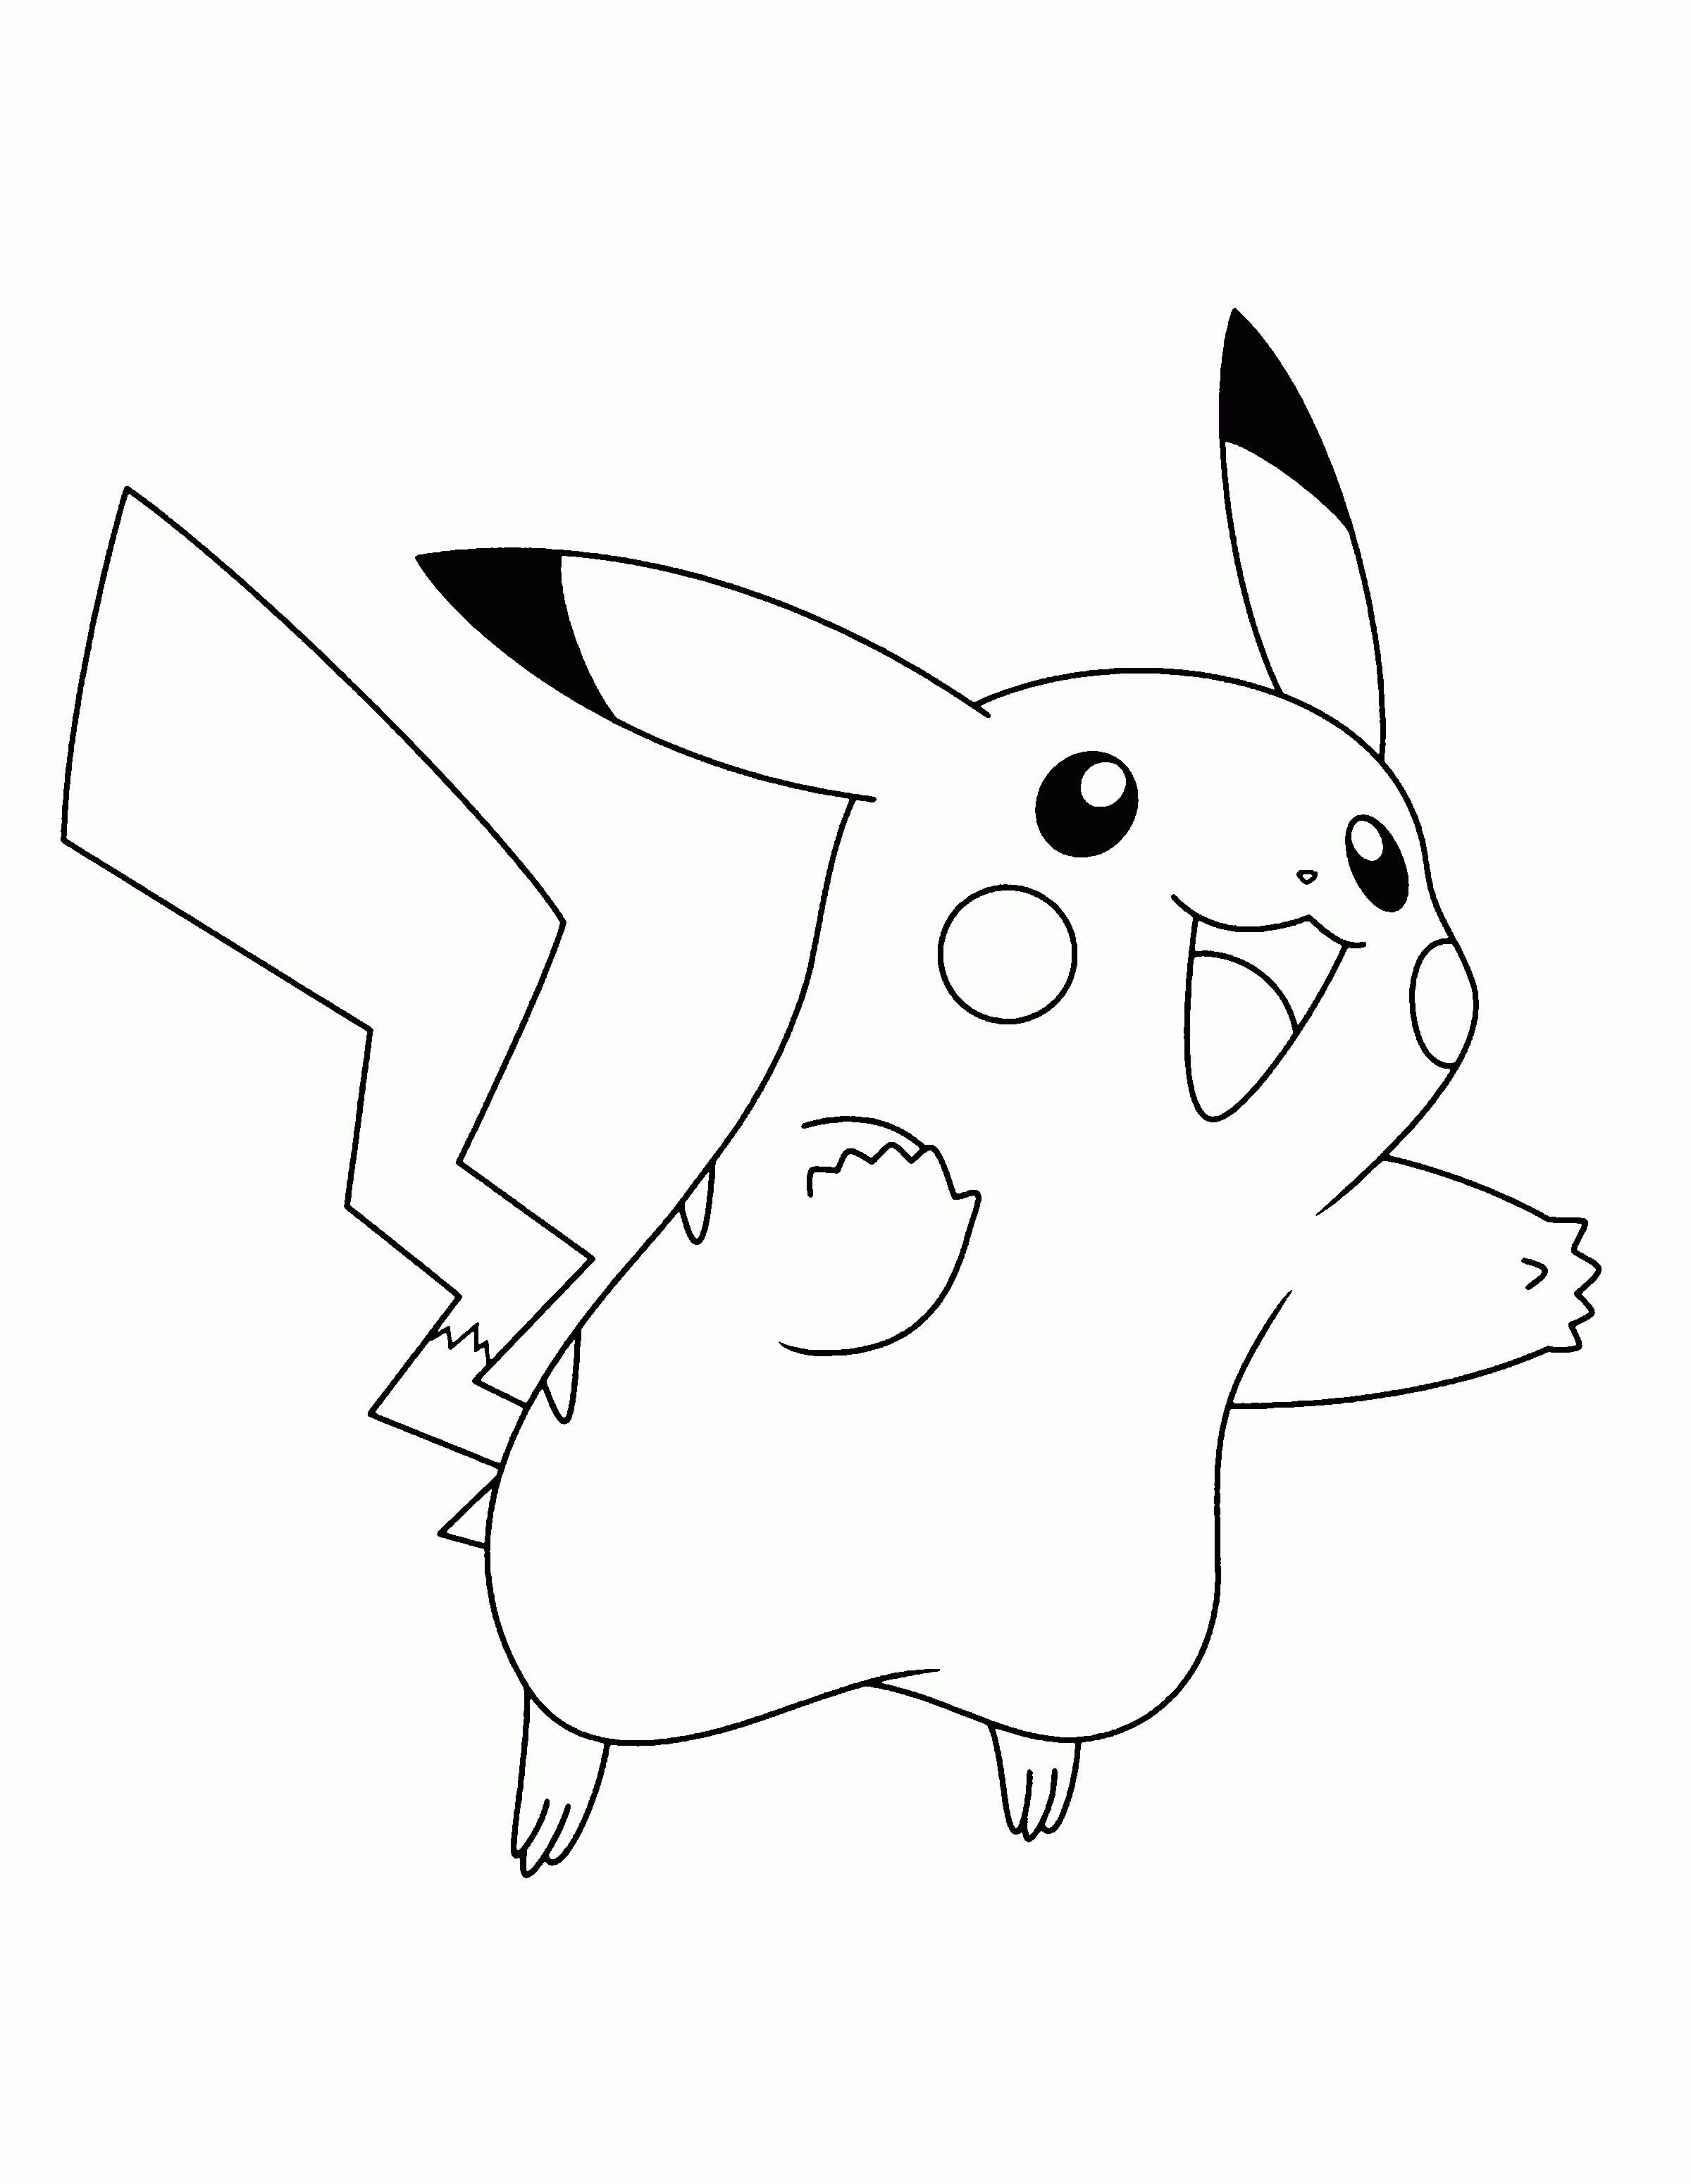 Ausmalbilder Pokemon Evoli Weiterentwicklung Einzigartig Malvorlagen Malvorlagen Pokemon Sammlung